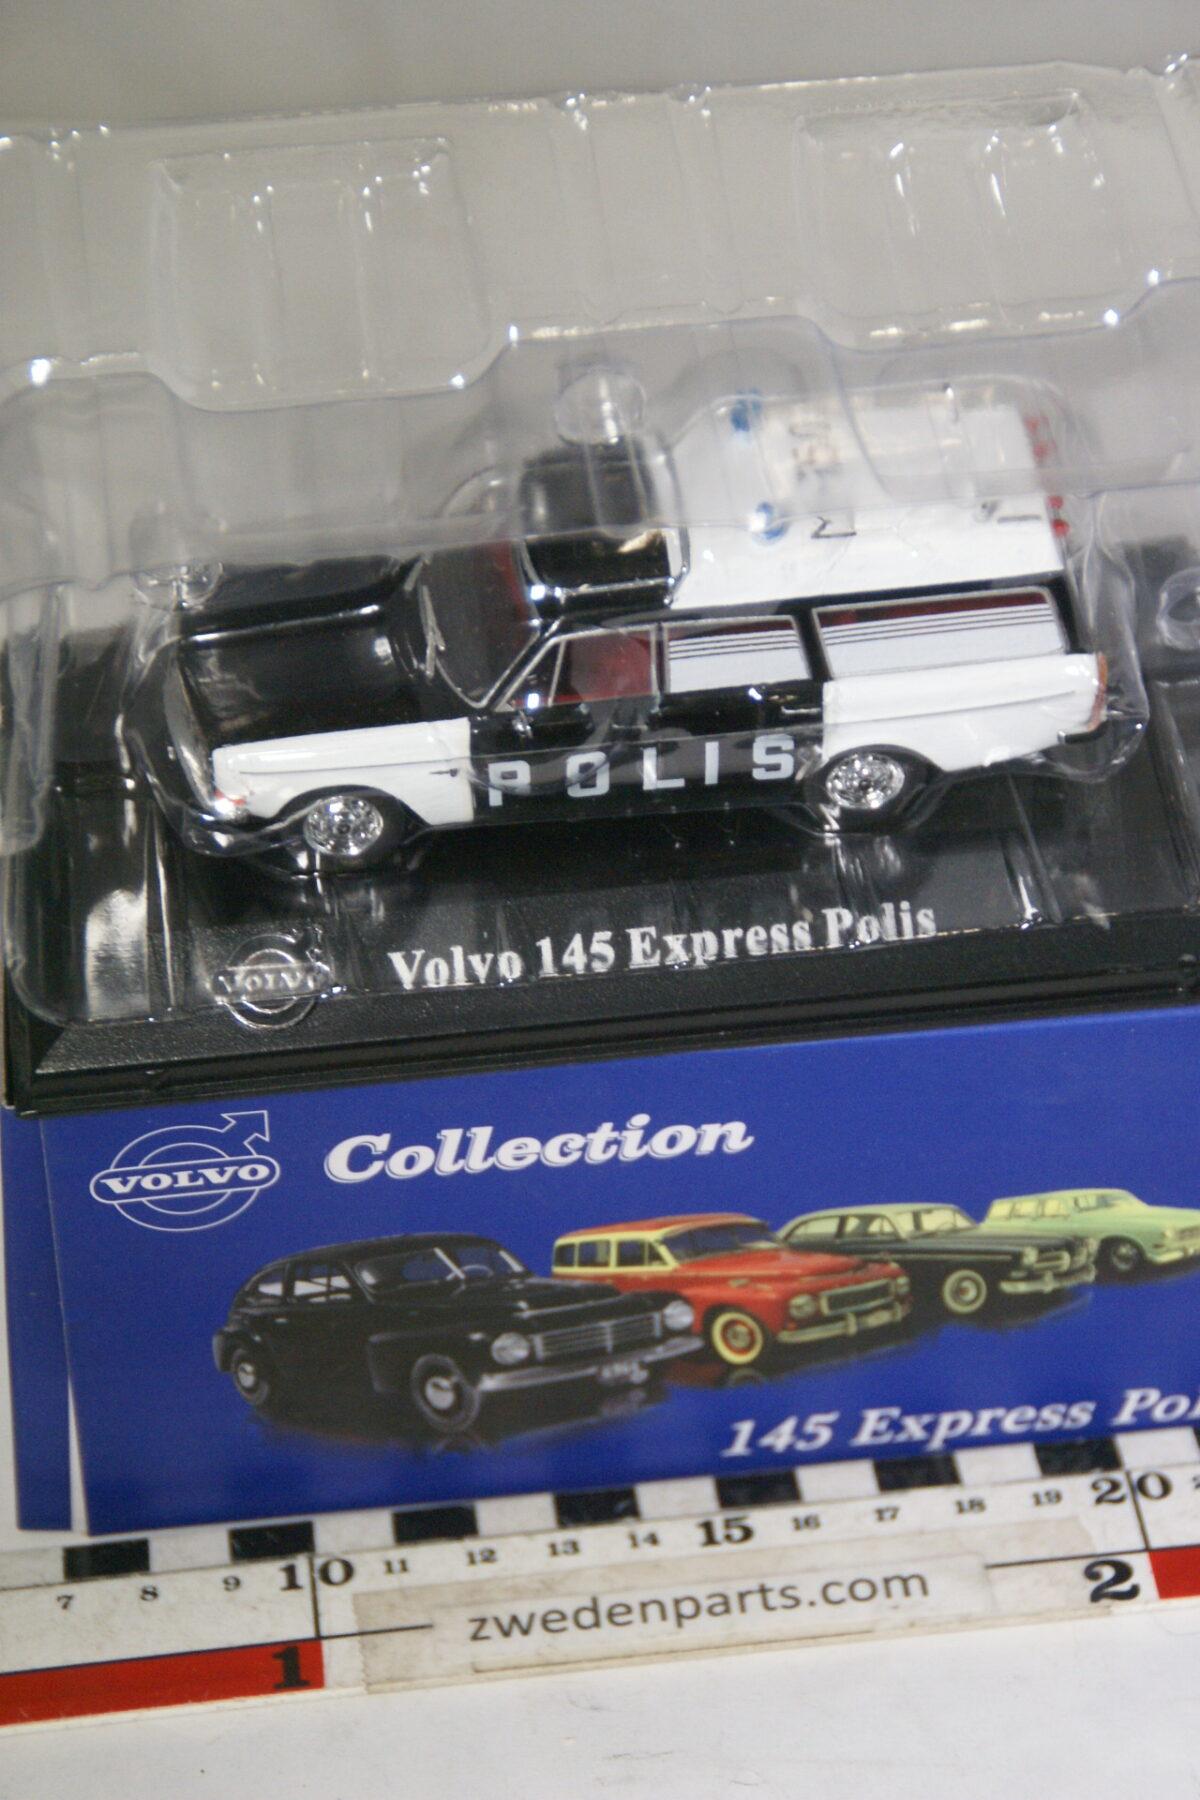 DSC00521 miniatuur Volvo 145 Express Polis 1op43 Atlas 77 nieuw in originele verpakking-2f480828